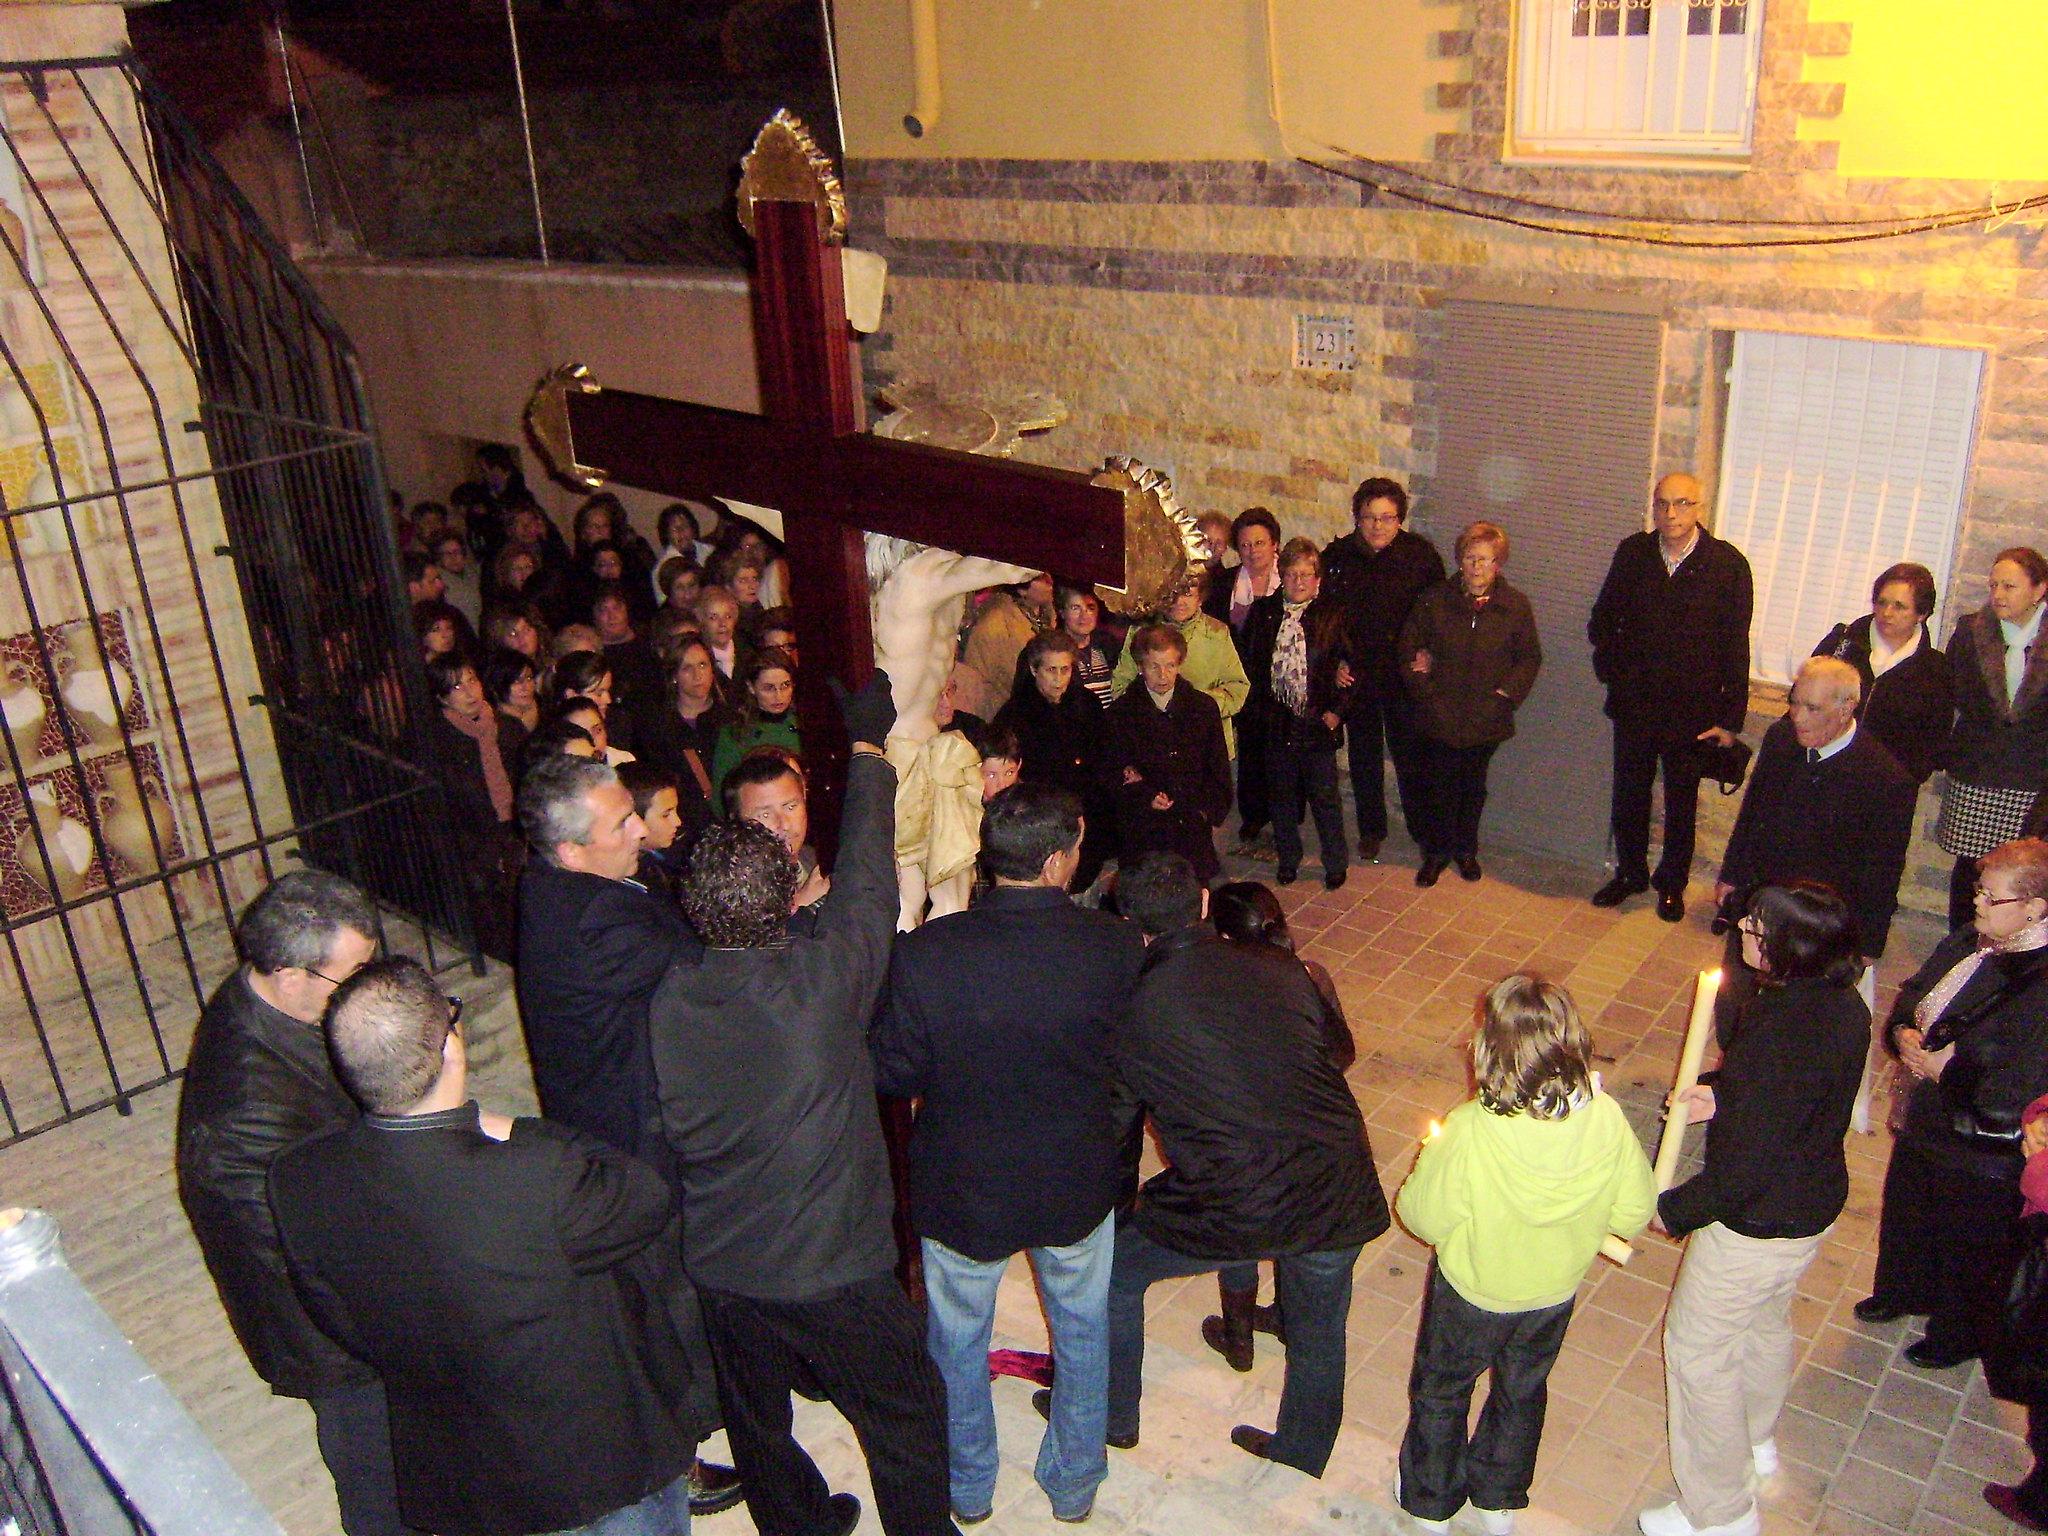 (2010-03-26) - I Vía Crucis nocturno - Javier Romero Ripoll - (08)